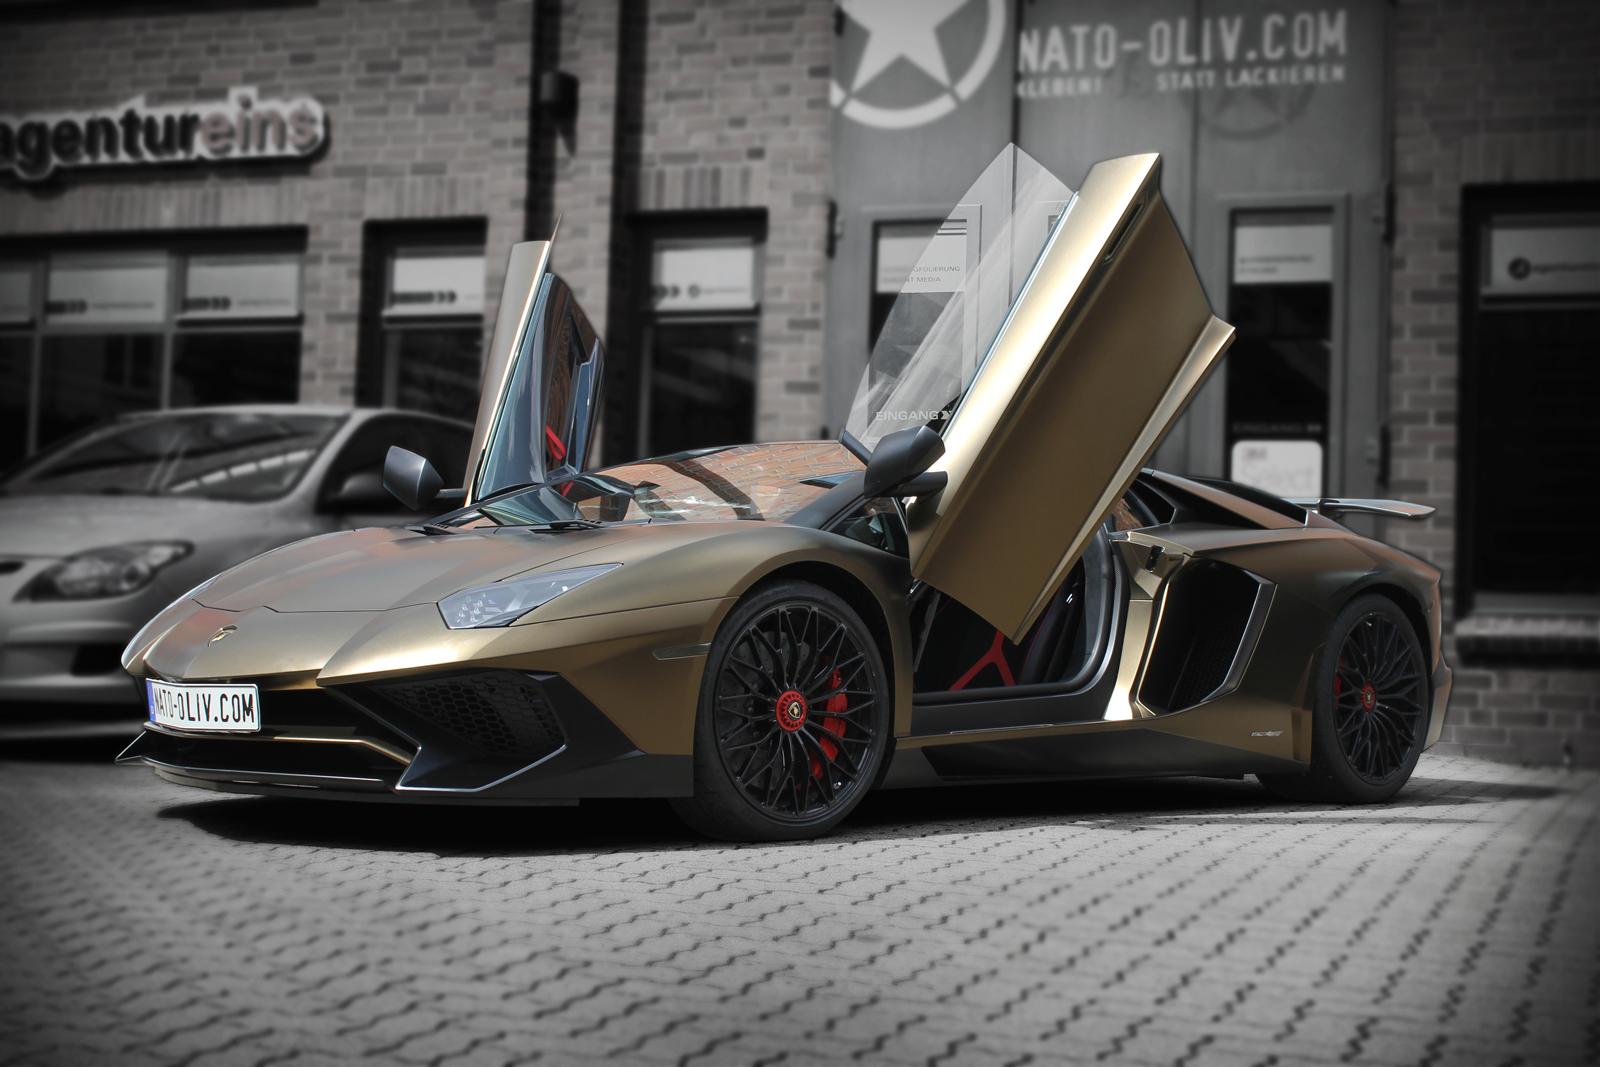 LAMBORGHINI_AVENTADOR_SV_CAR-WRAPPING_BOND_GOLD_TITELBILD